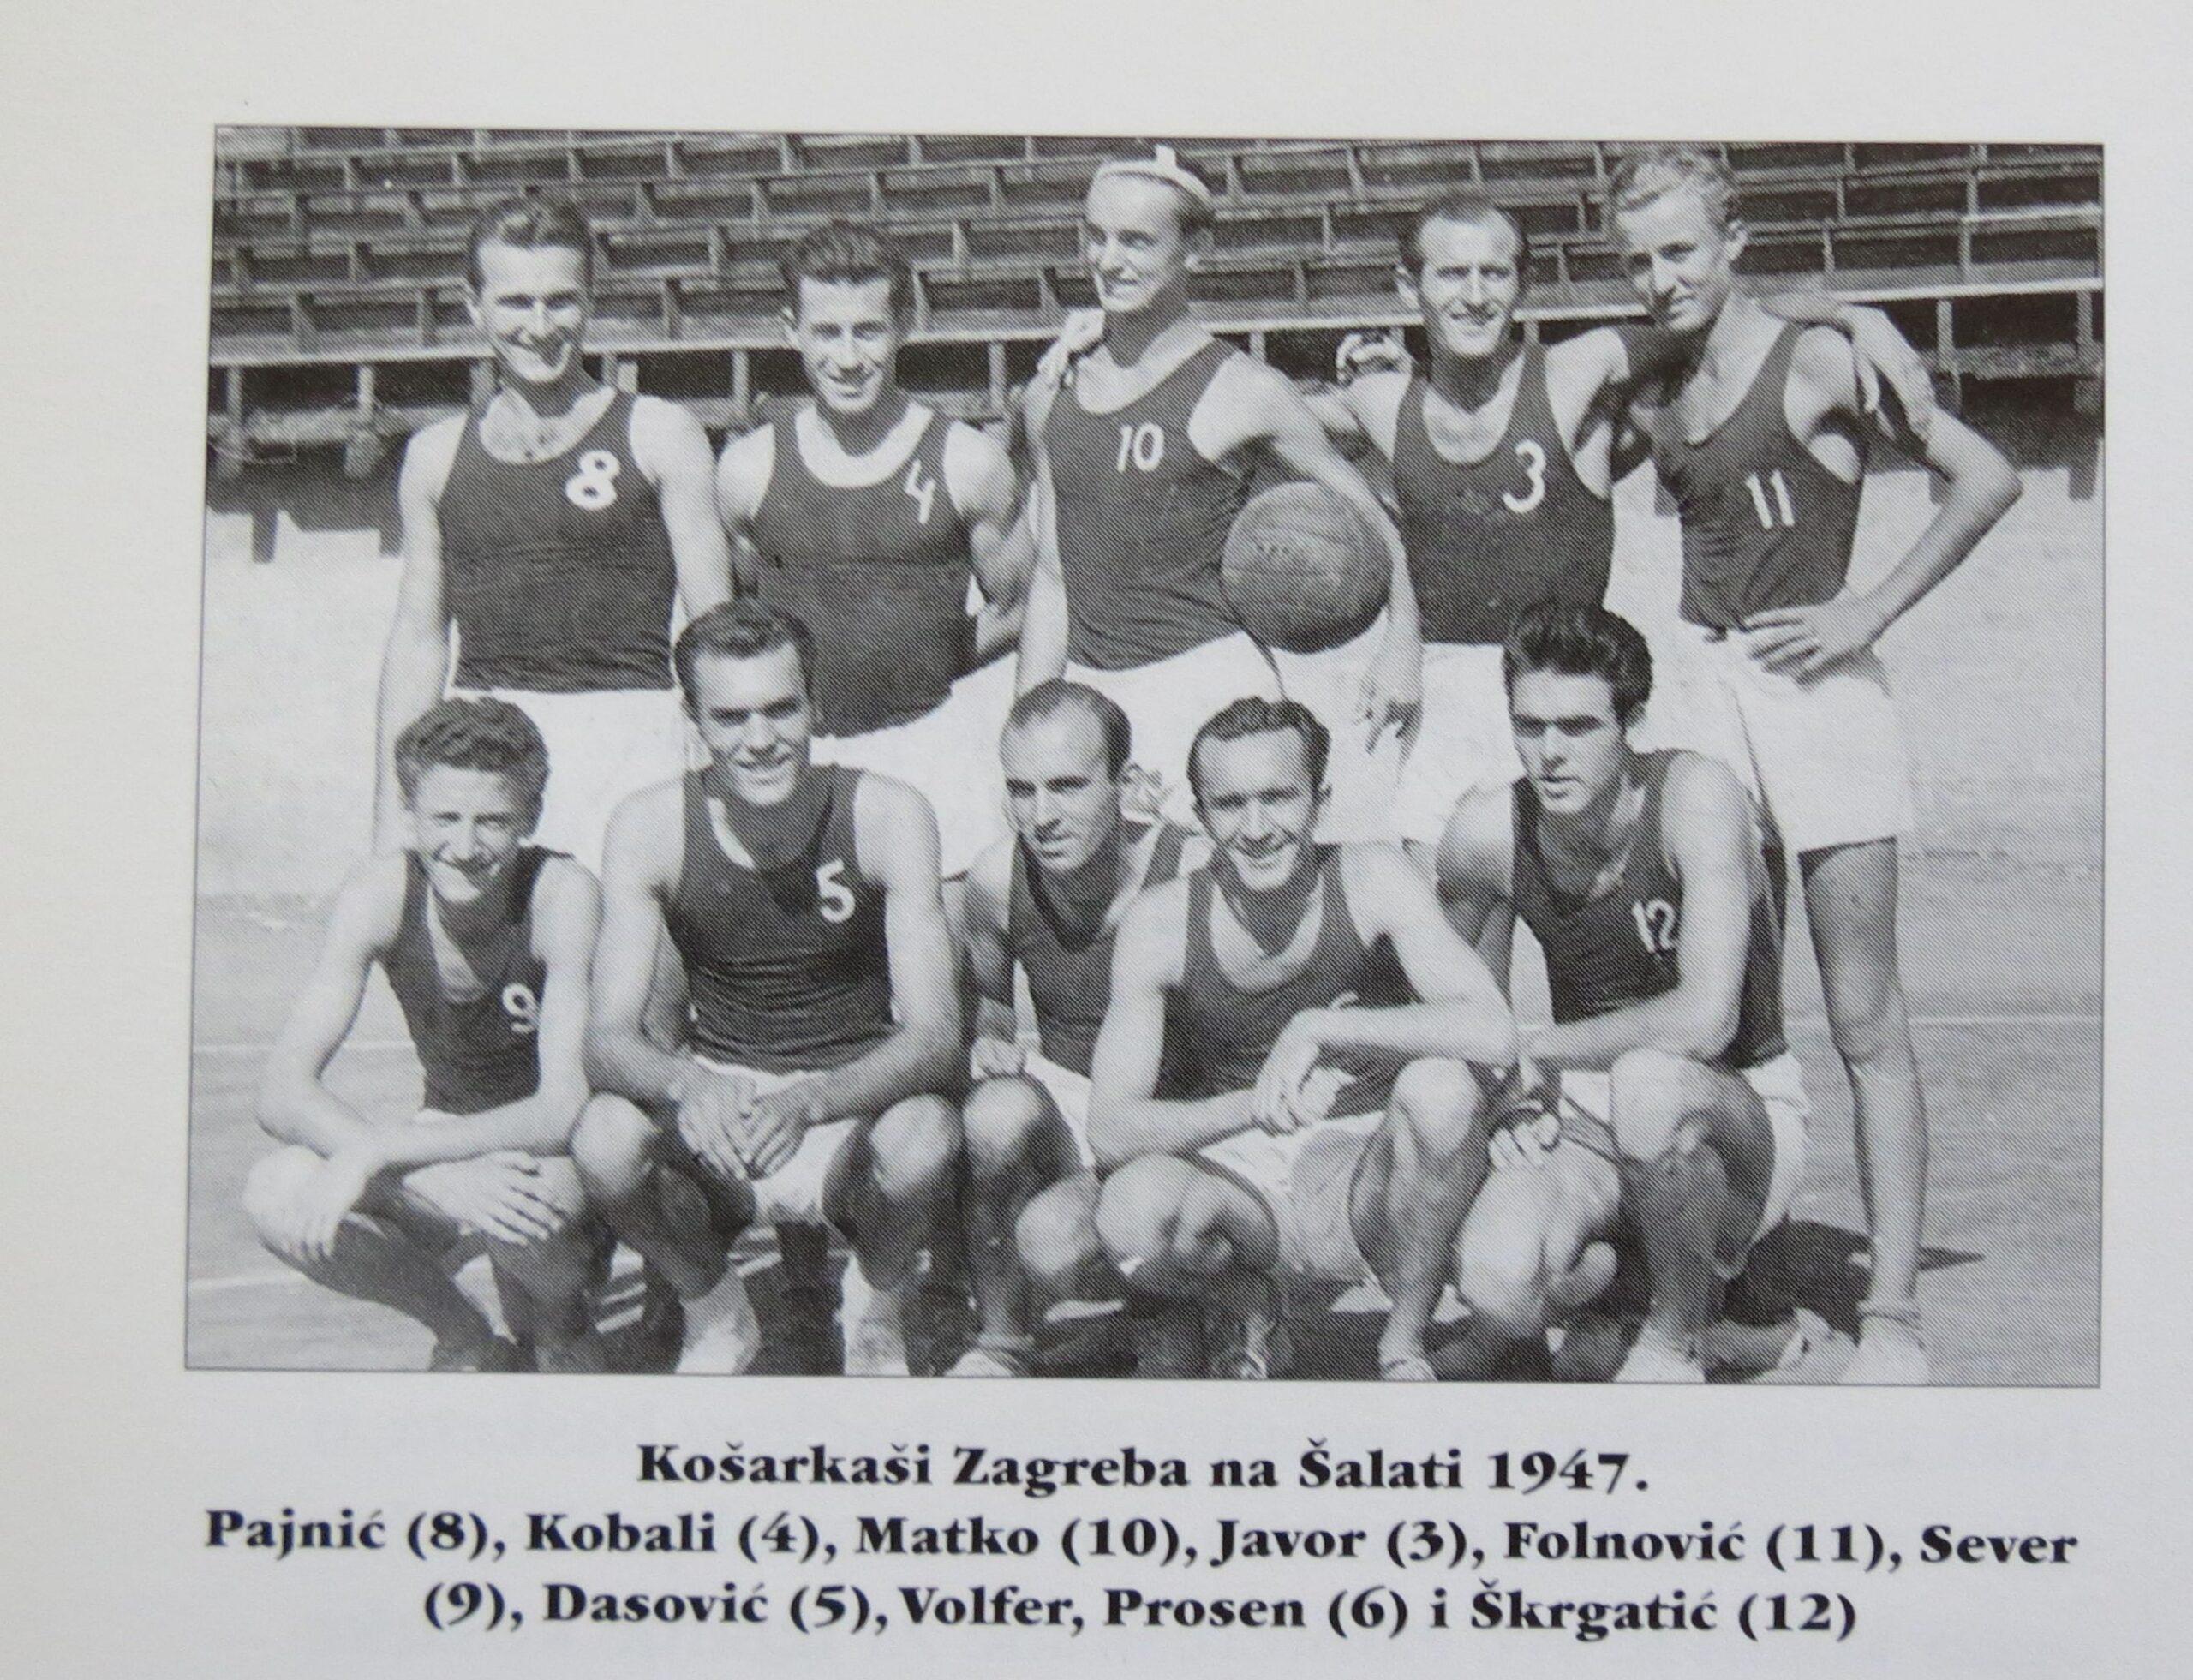 Košarkaši KK Zagreb na Šalati 1947. [CI 1996.]